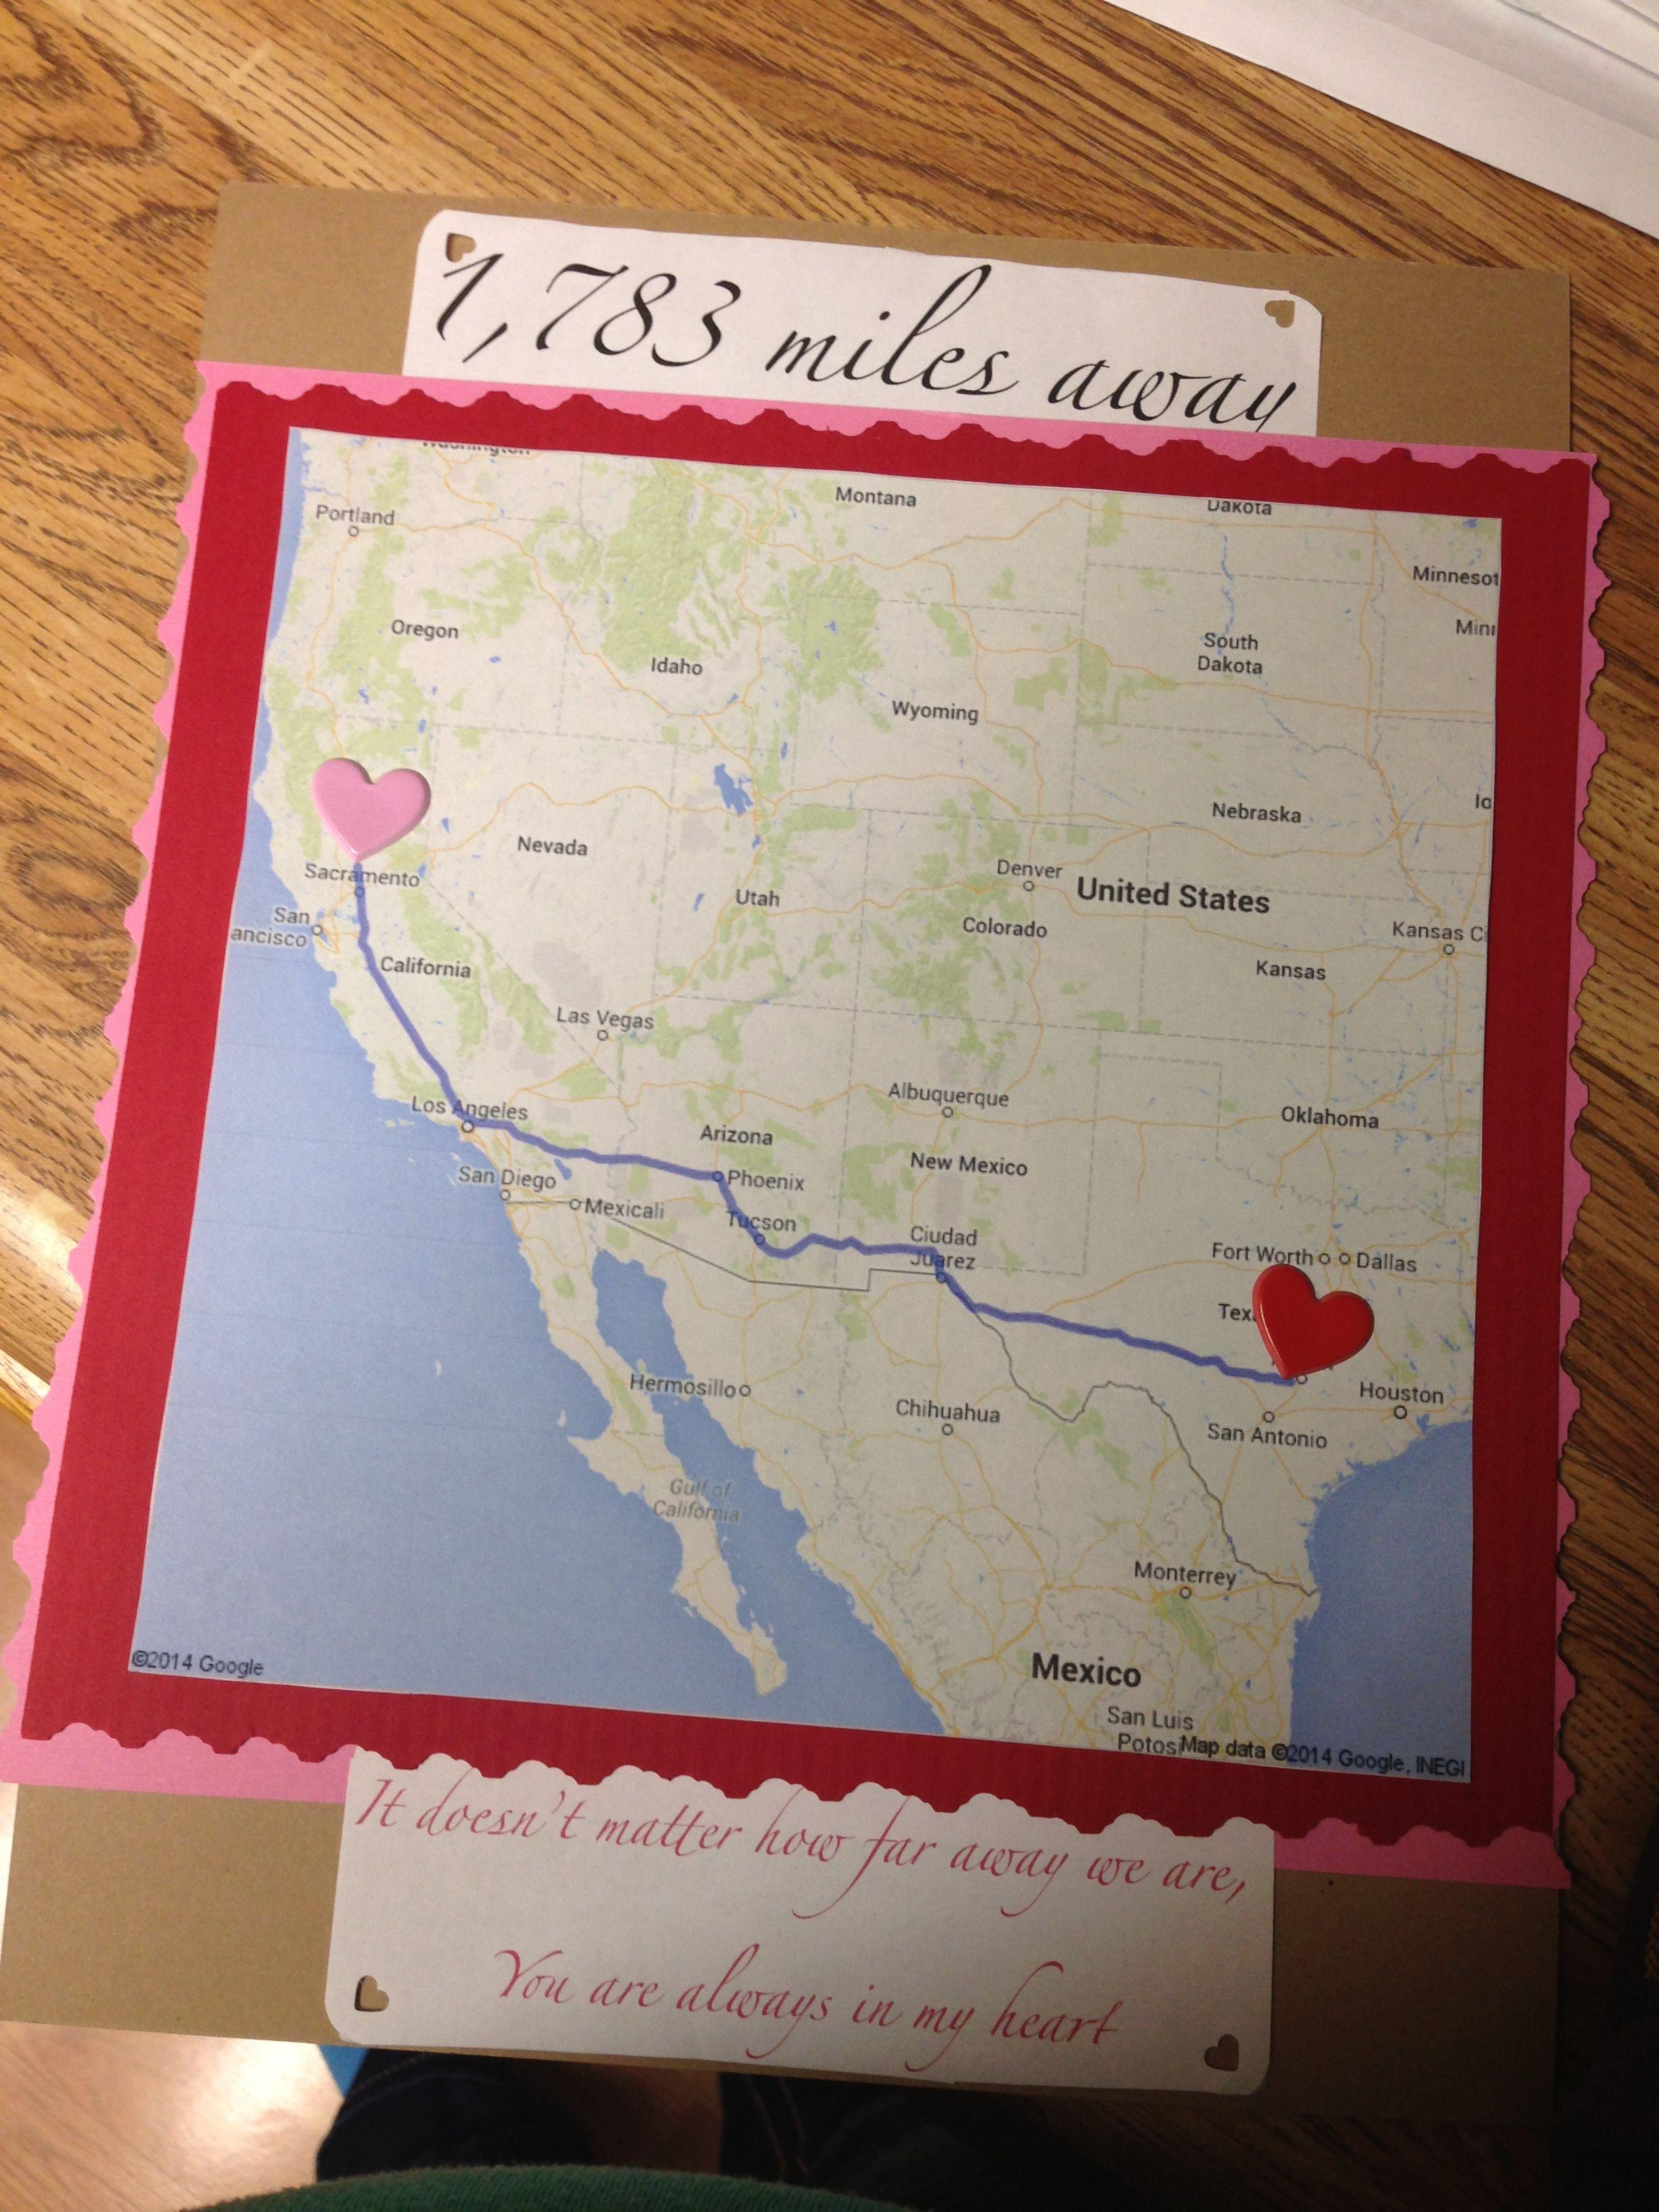 1735miles long distance gift ideas hahaaaaaa gambar